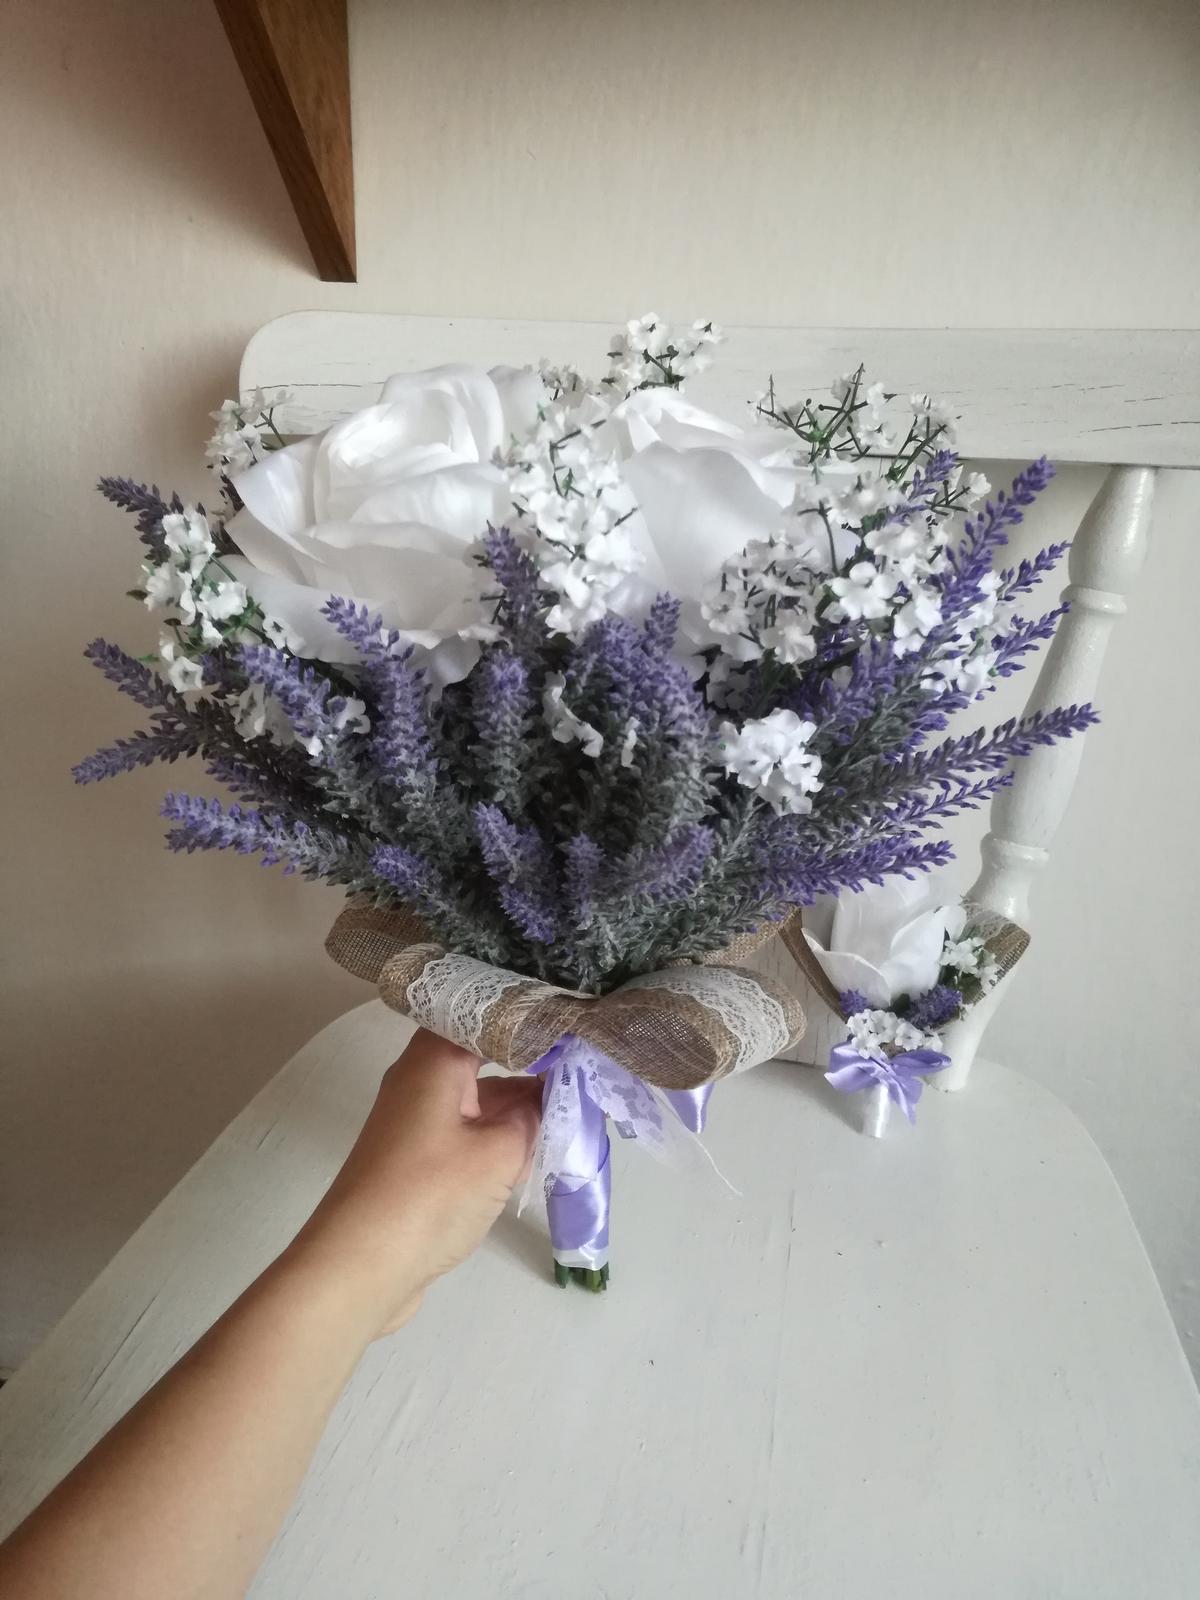 Z umelých kvetov - Obrázok č. 15